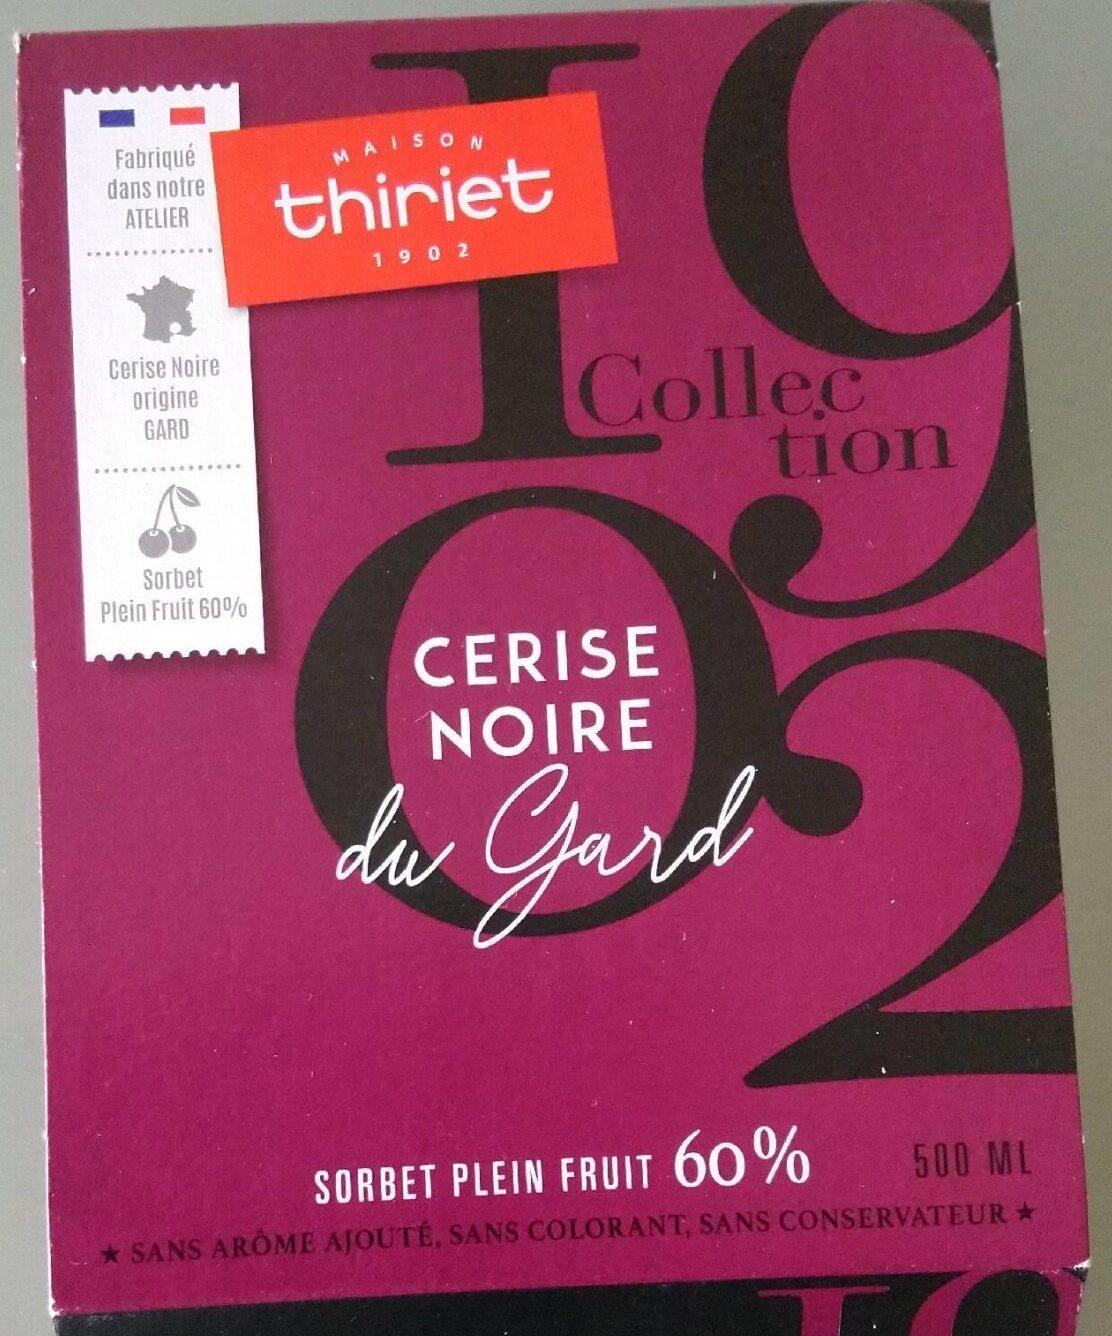 Sorbet plein fruit 60% cerise noire du Gard - Product - fr